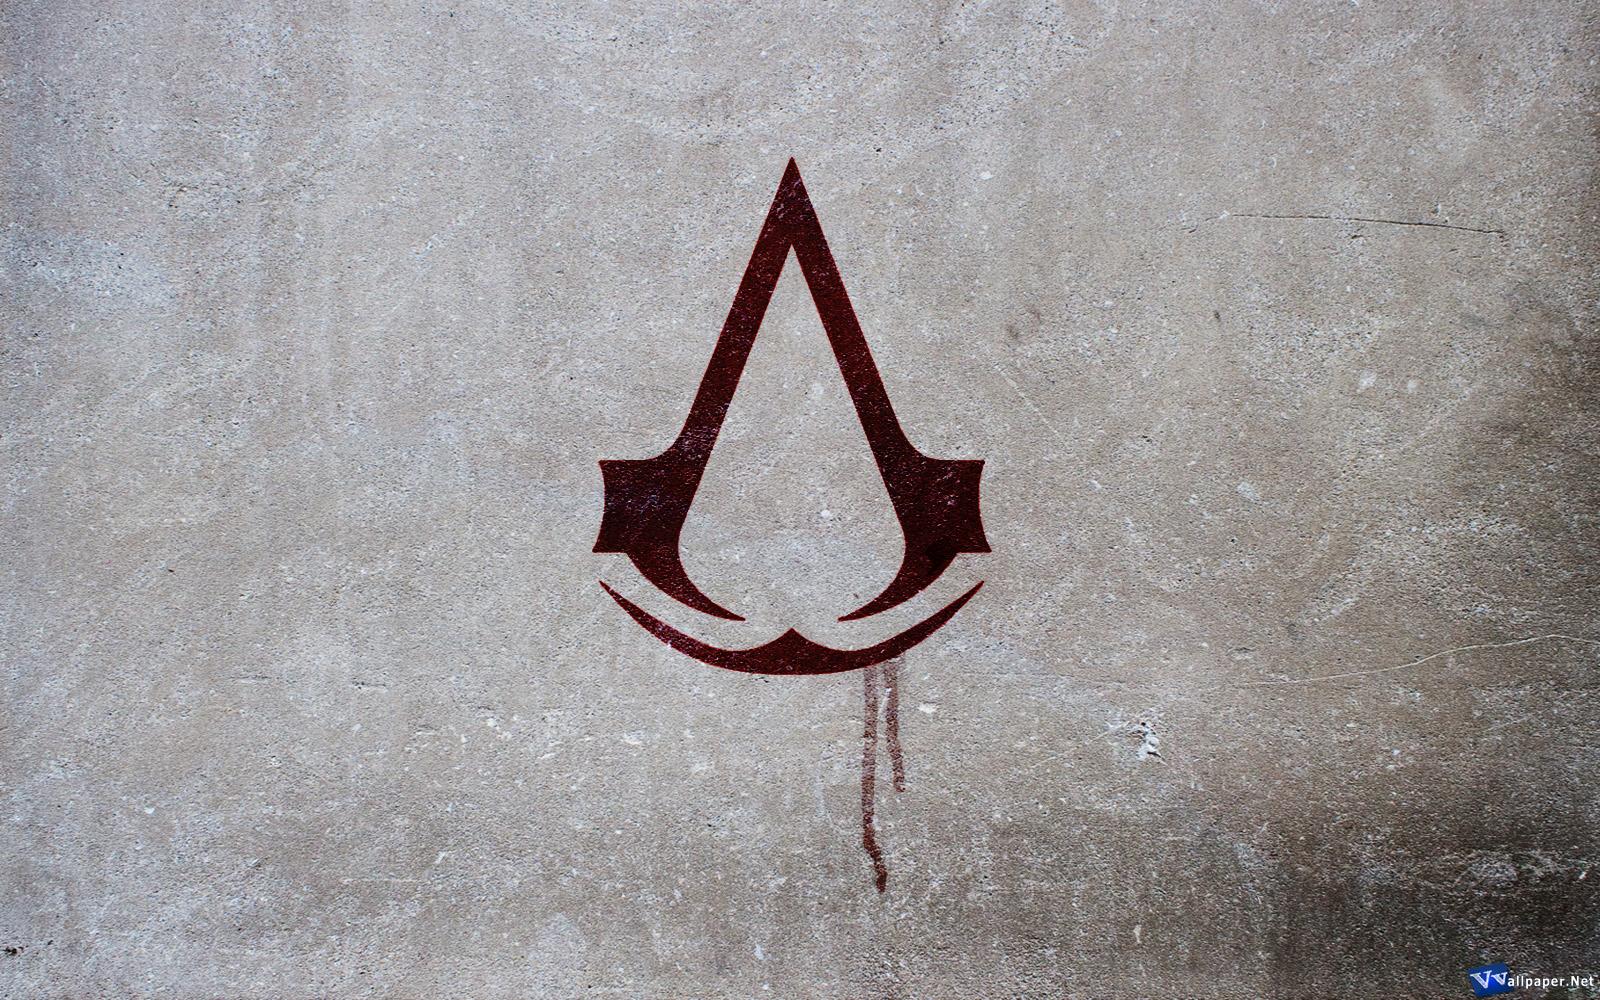 Assassins Creed Emblem Wallpaper